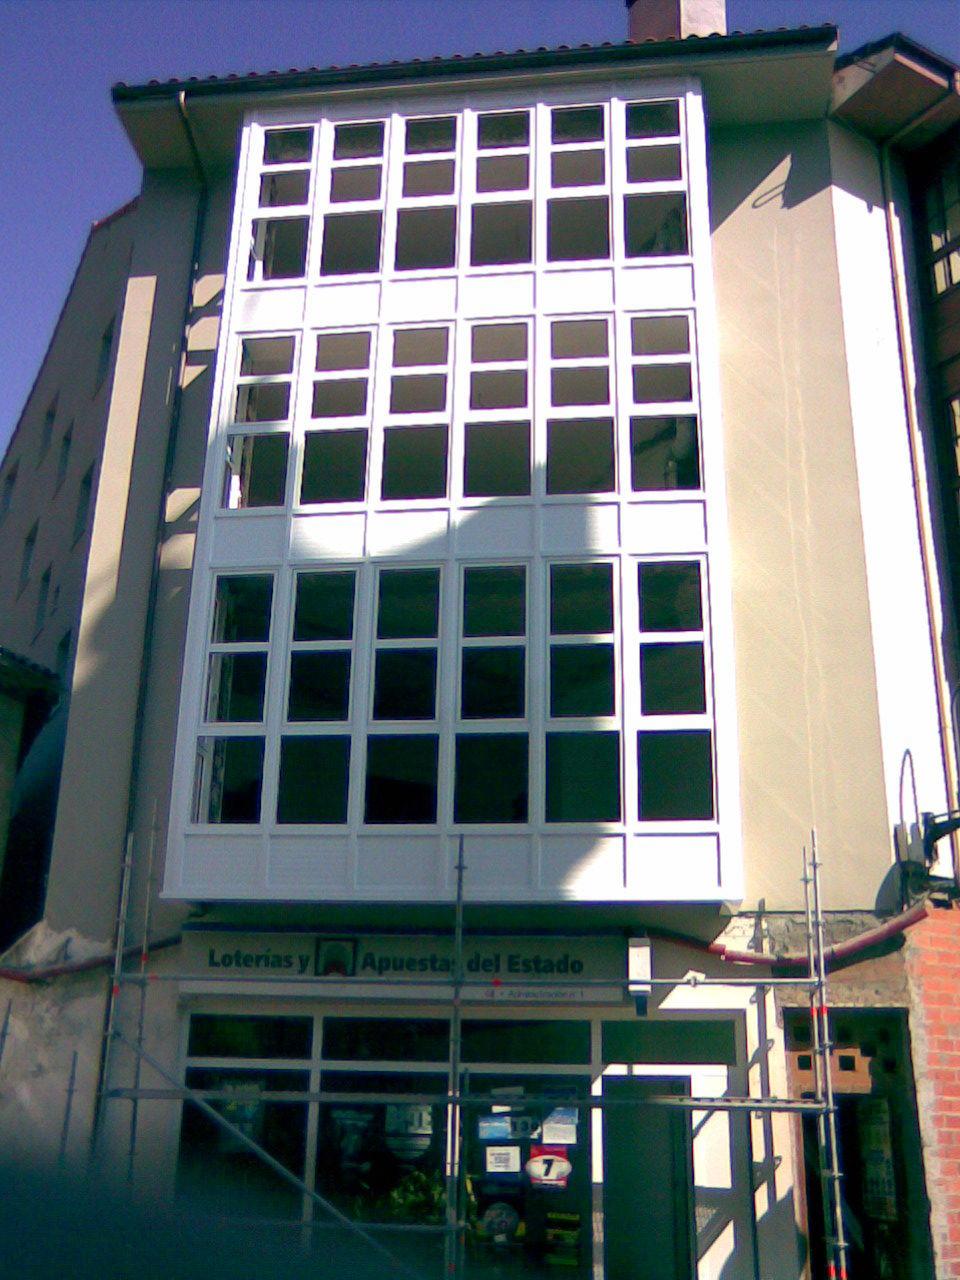 ventanas de aluminio blanco en edificio nuestros